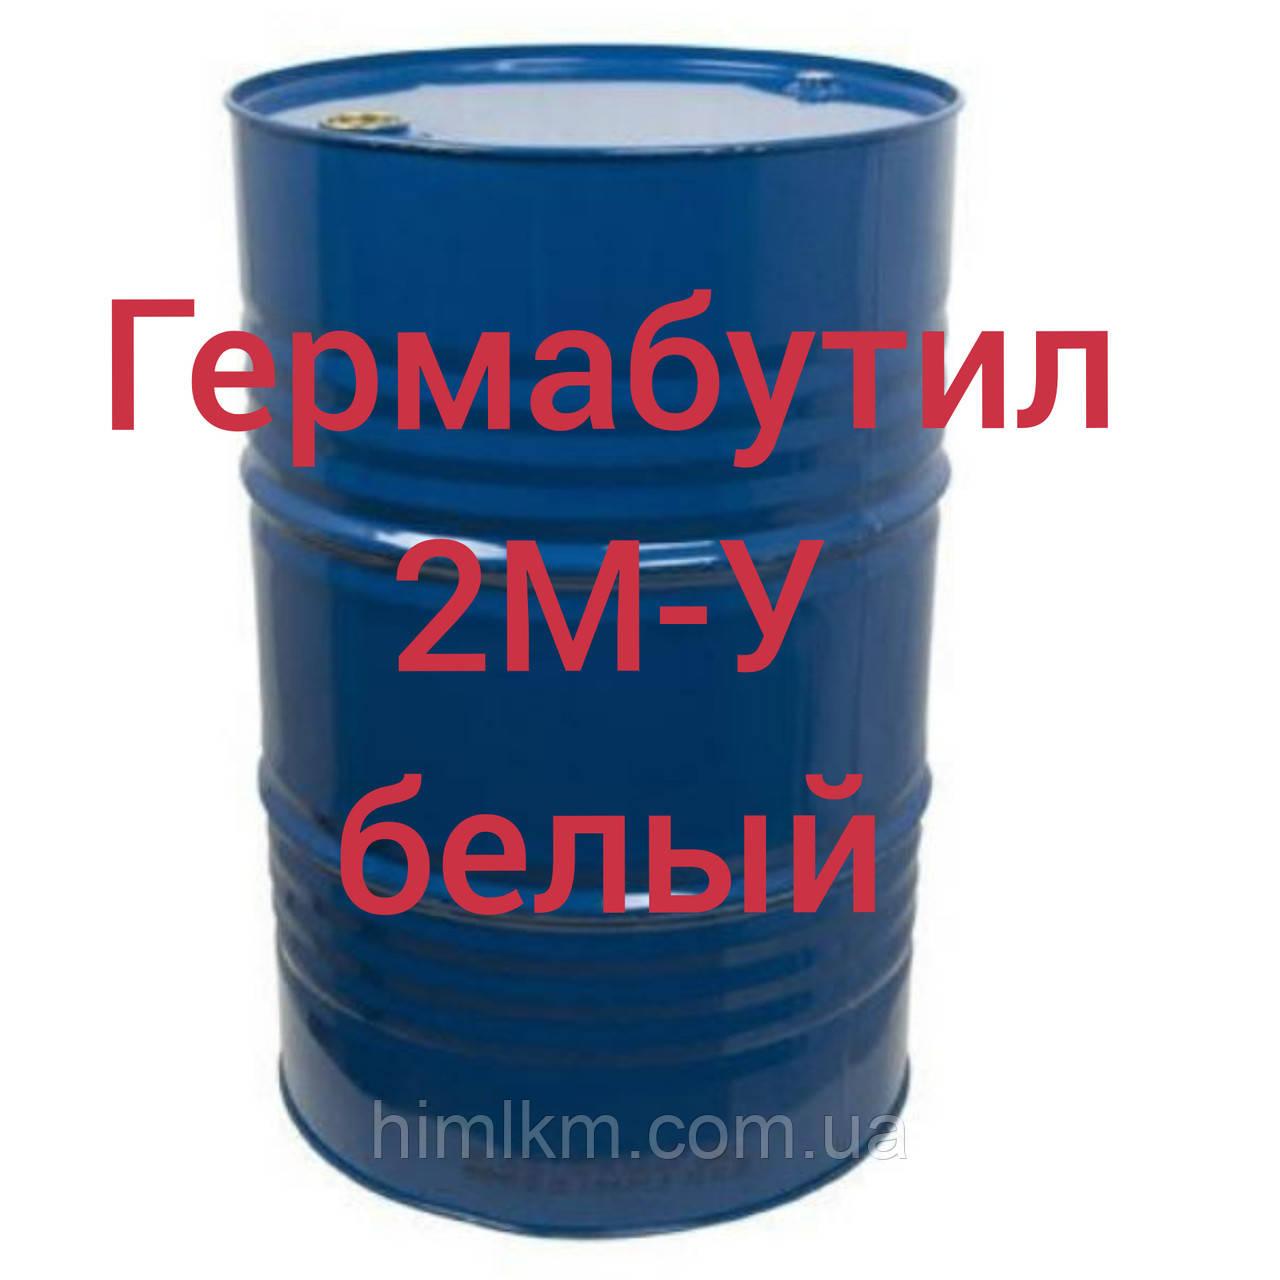 Гермабутил-2М-У білий мастика бутилкаучукова гідроізоляційна